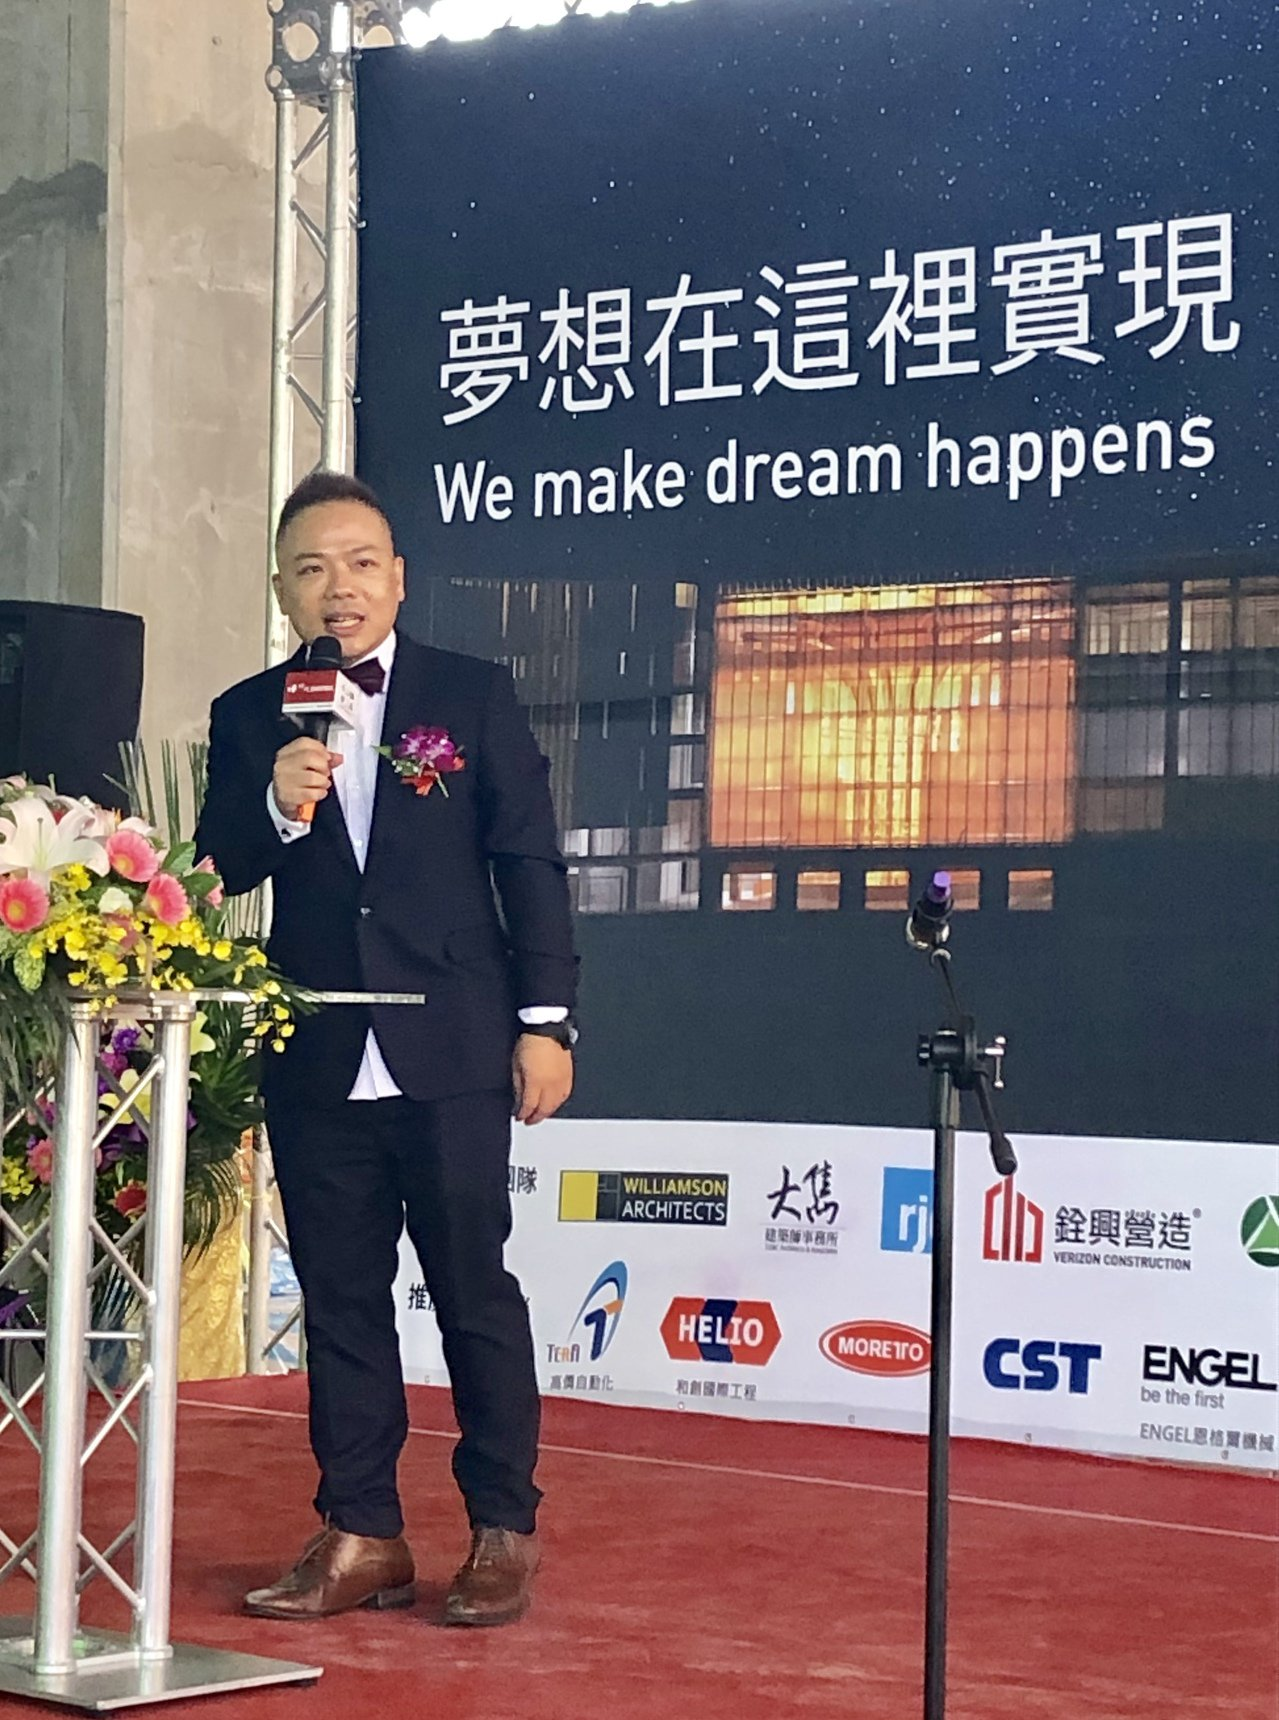 樹德企業董事長吳宜叡表示,半山夢工廠新地標預訂2020年第4季試營運,屆時將新增...